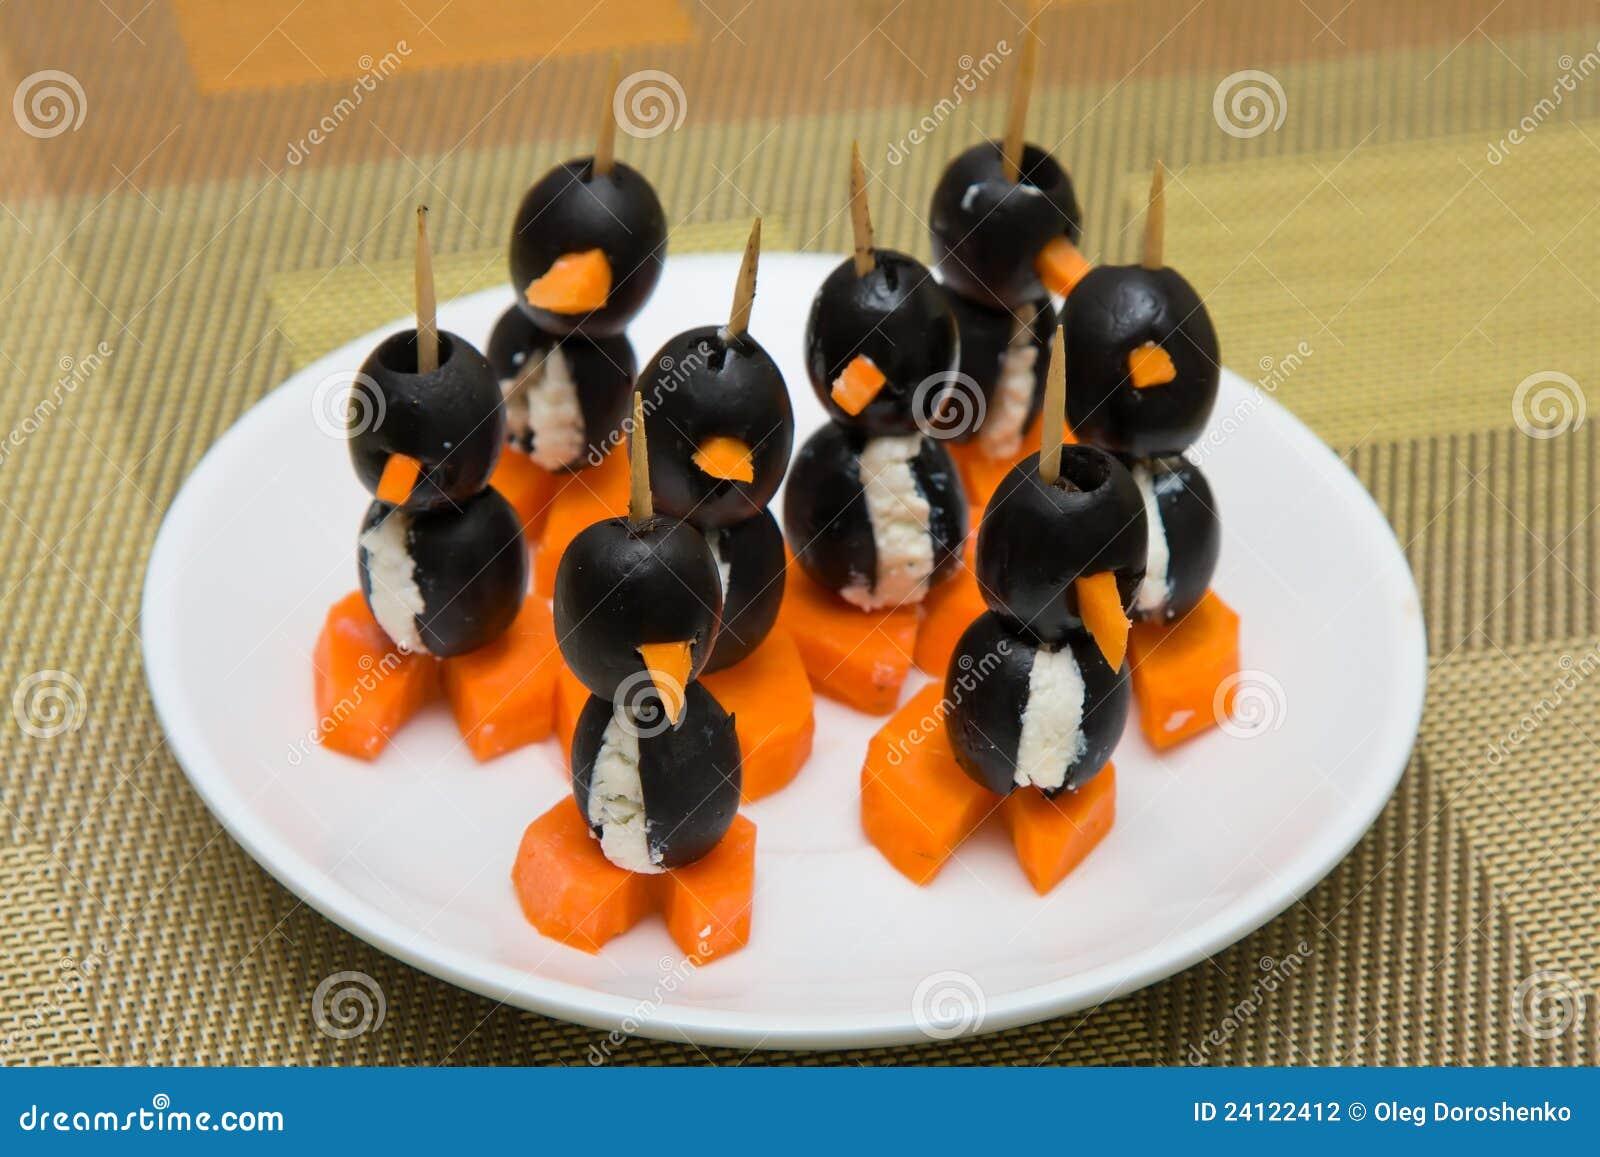 Canapes Bajo La Forma De Pingüino Foto de archivo - Imagen de muchos ...